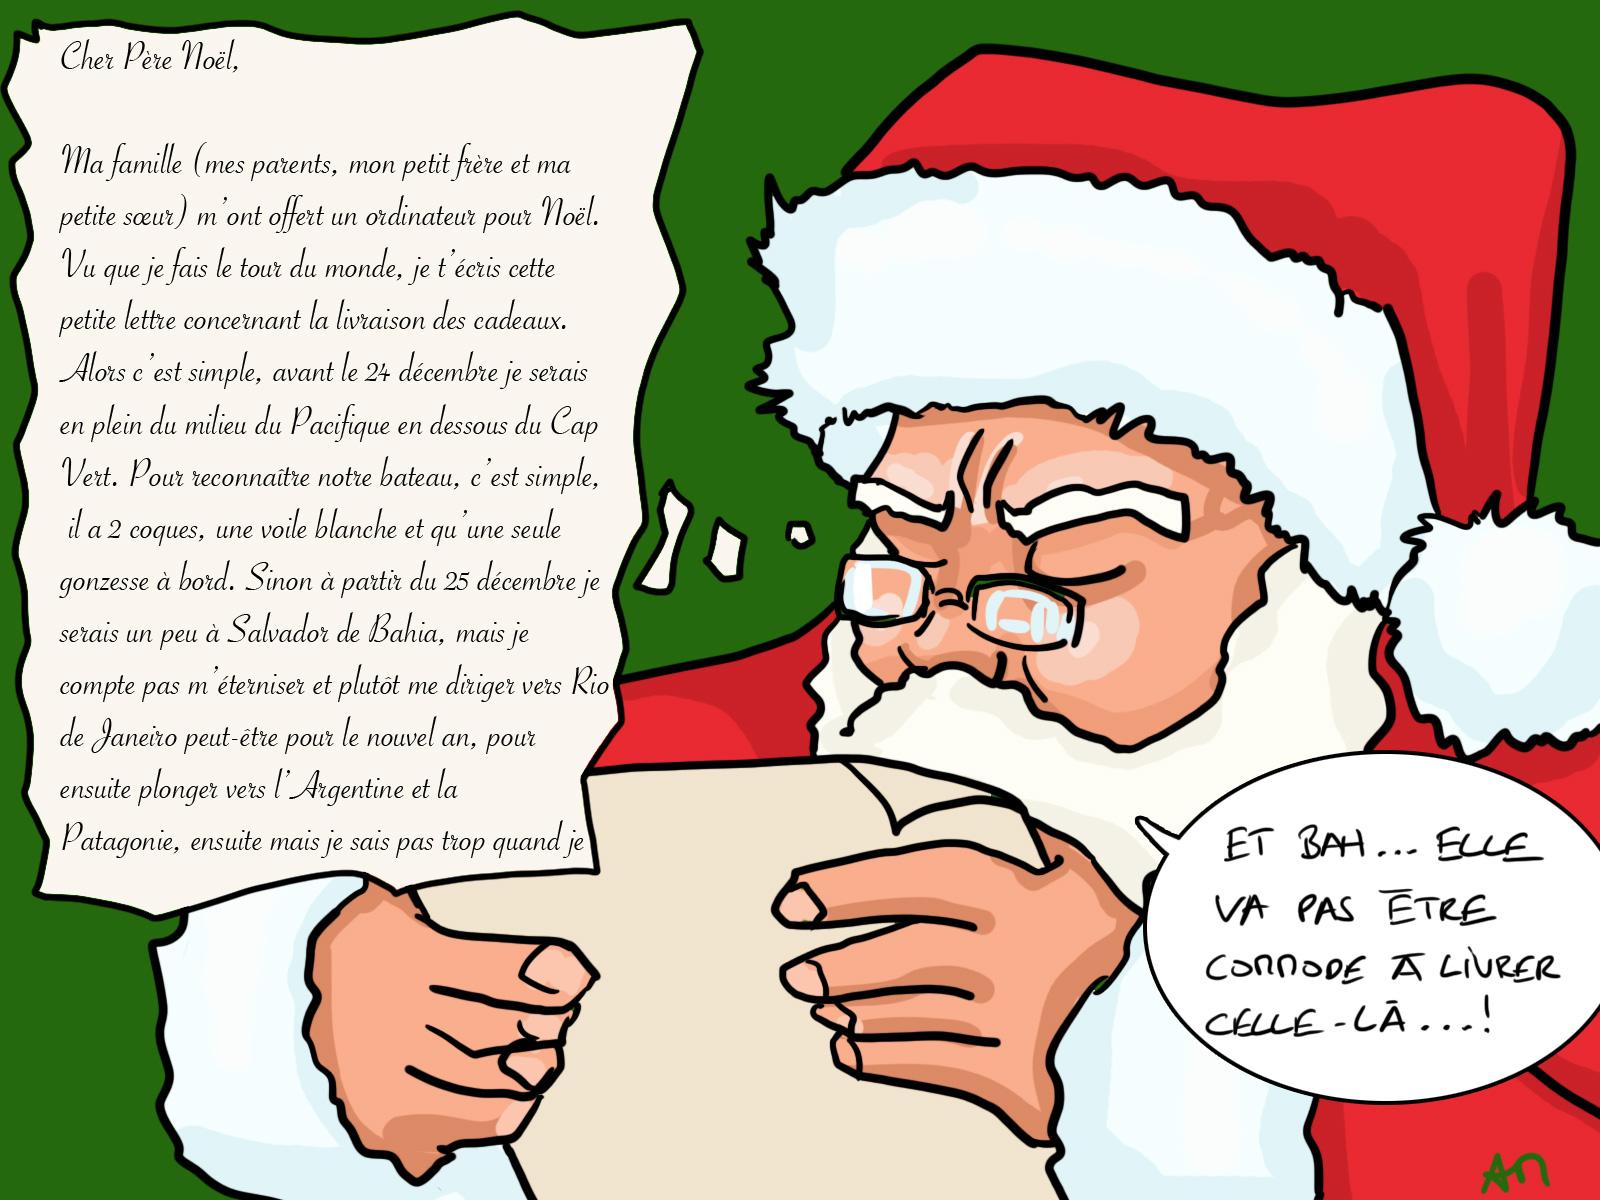 Le Père Noël n'est pas dans la mouise sur ce coup là, tiens...